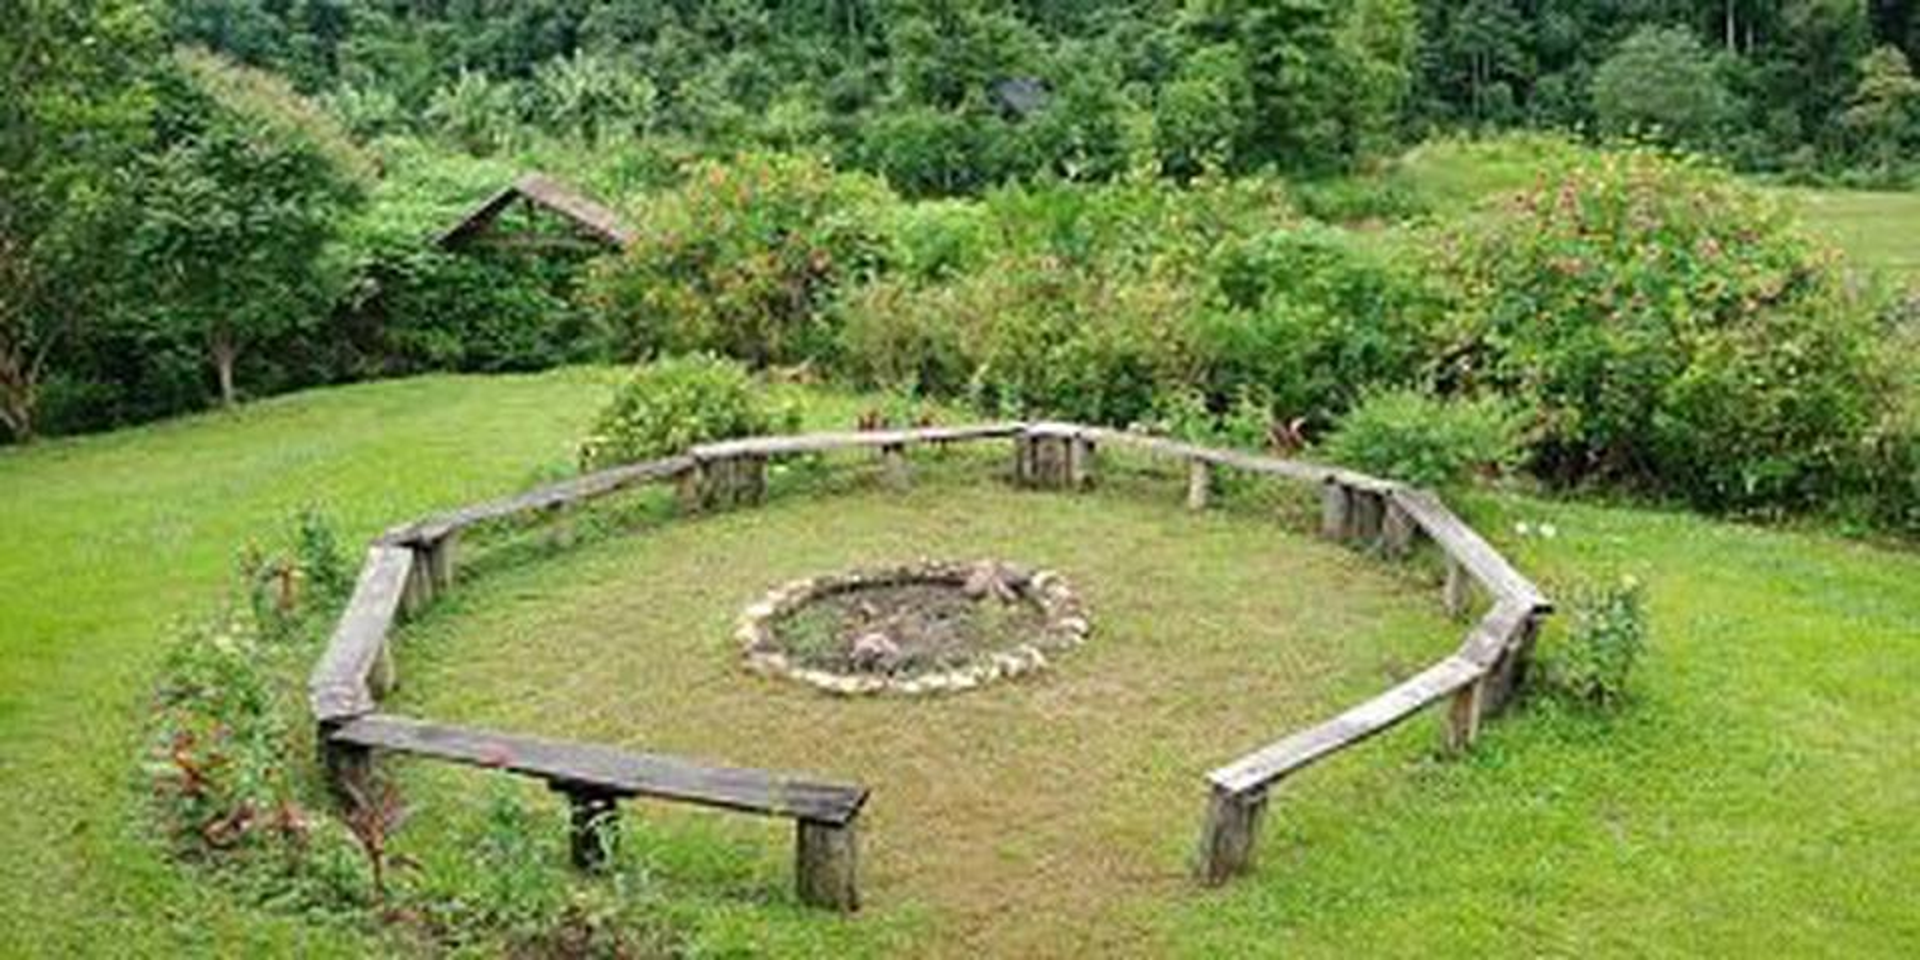 ขายบ้านโฮมสเตย์ ขนาดเล็กๆ สวยมากๆ ดอยสูง ป่าลึกบนดอย เชียงใหม่  อ.กัลยาณิวัฒนา ไปได้เส้นปาย-เส้นสะเมิง รูปที่ 1